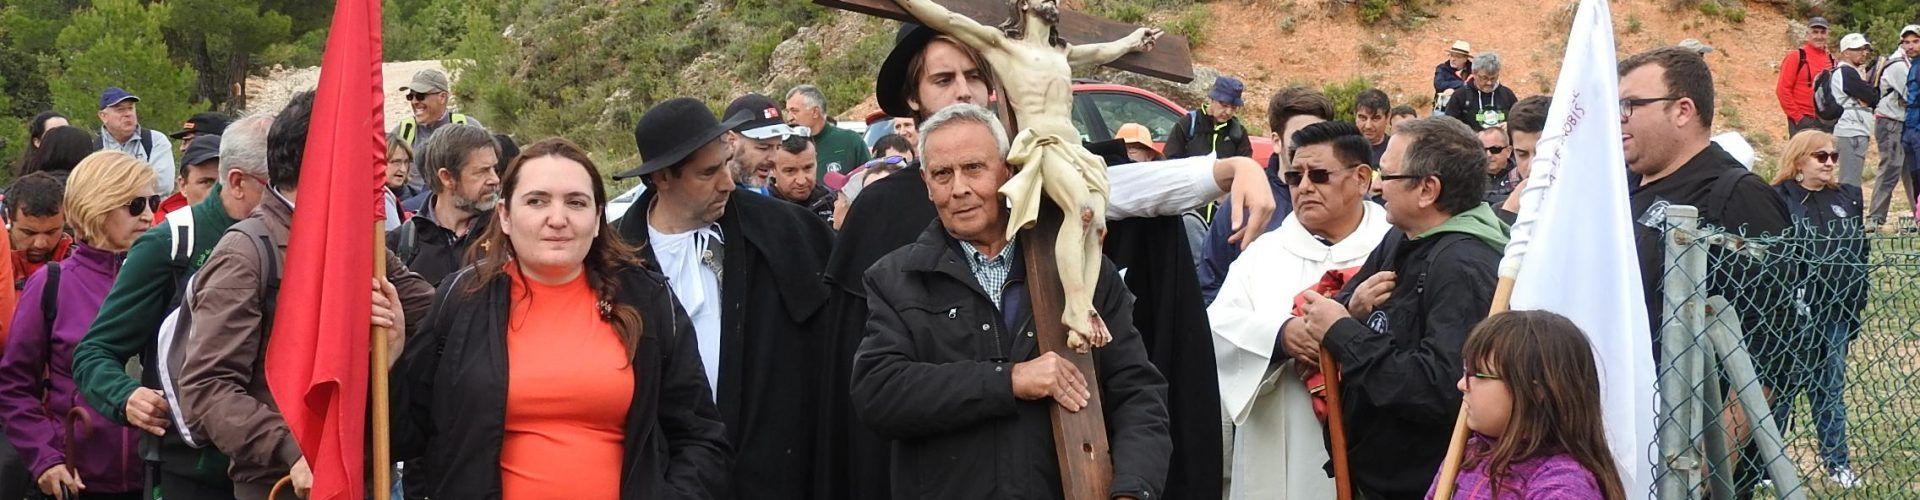 Más de 700 personas recorrieron a pie los 27 kilómetros que separan Vallibona de Pena-roja, rememorando la ancestral leyenda